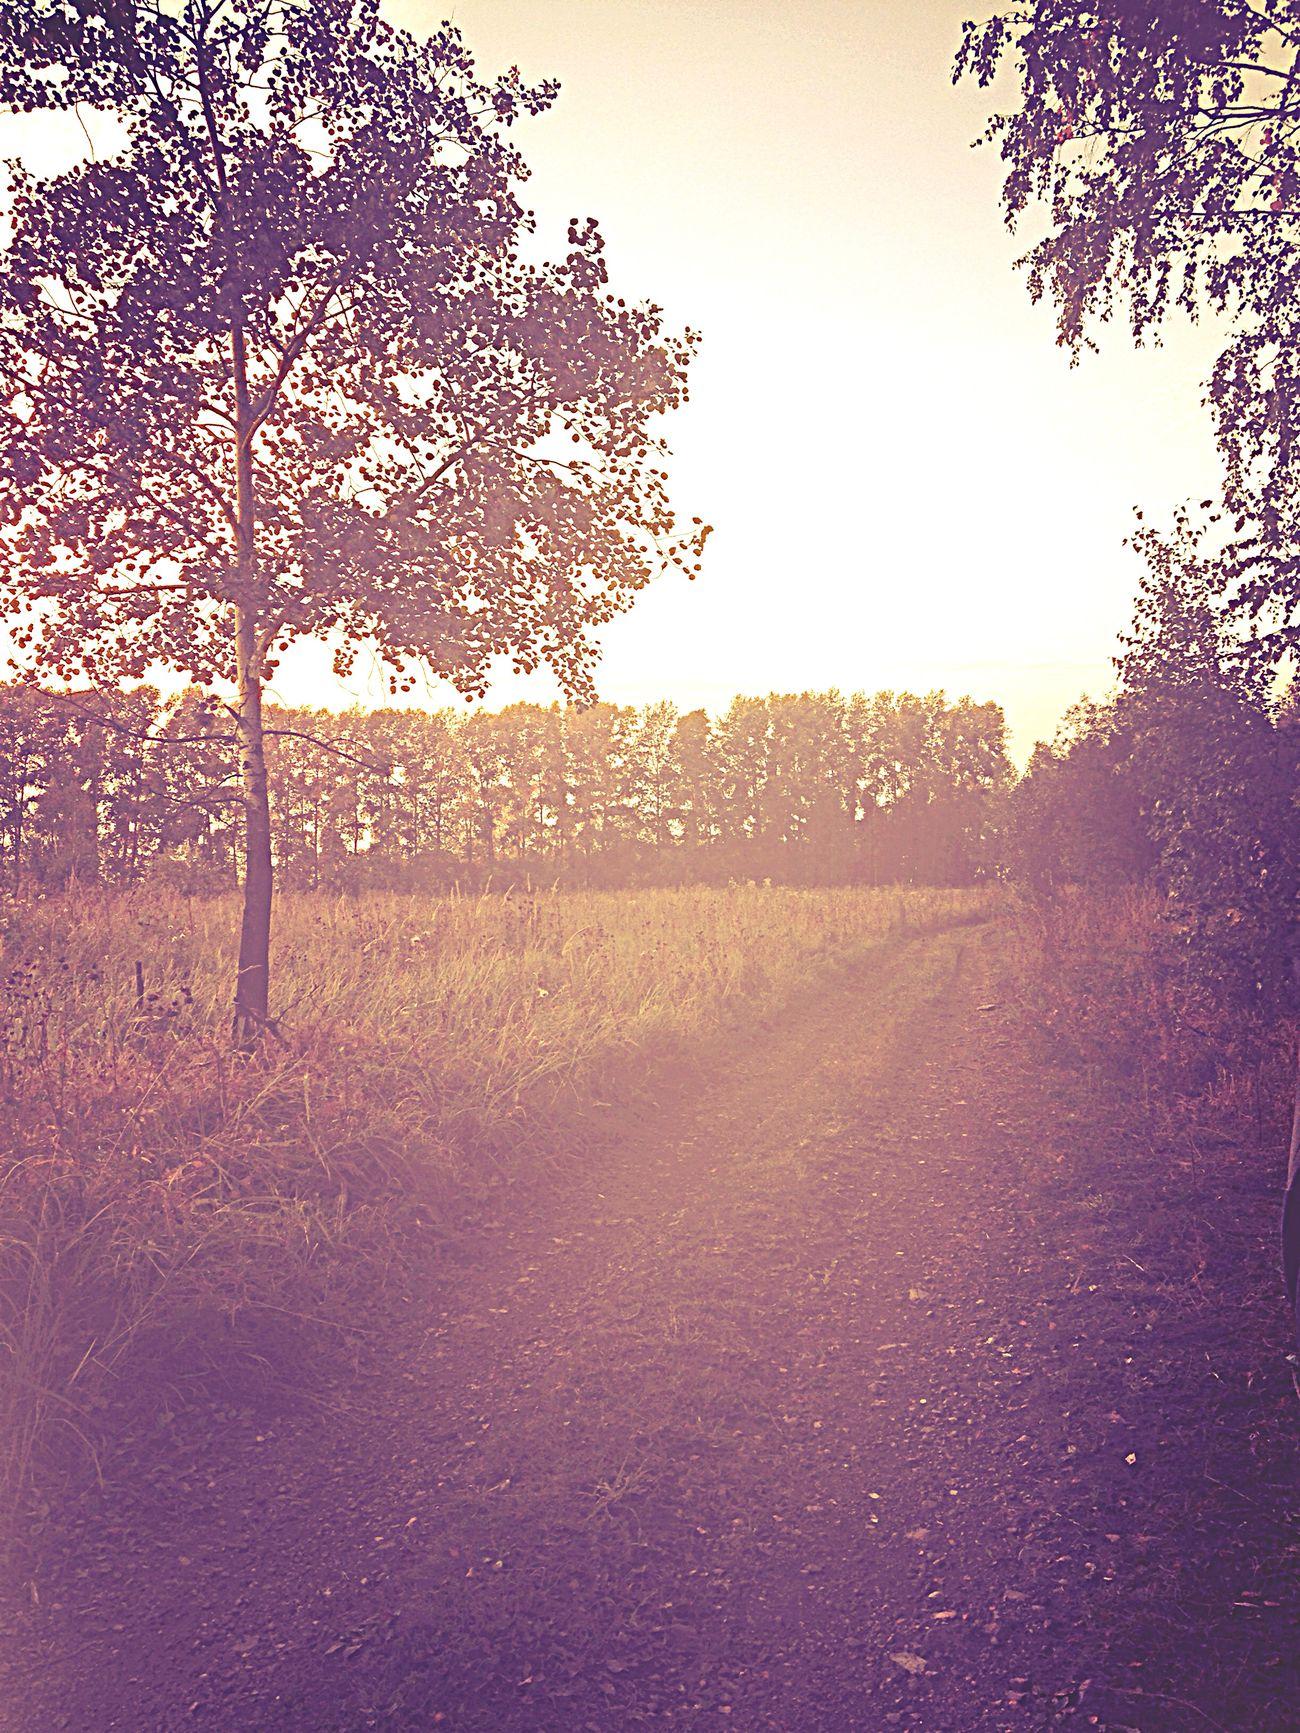 Люблю природу тишина спокойствие ☺️🌳🌳🌳